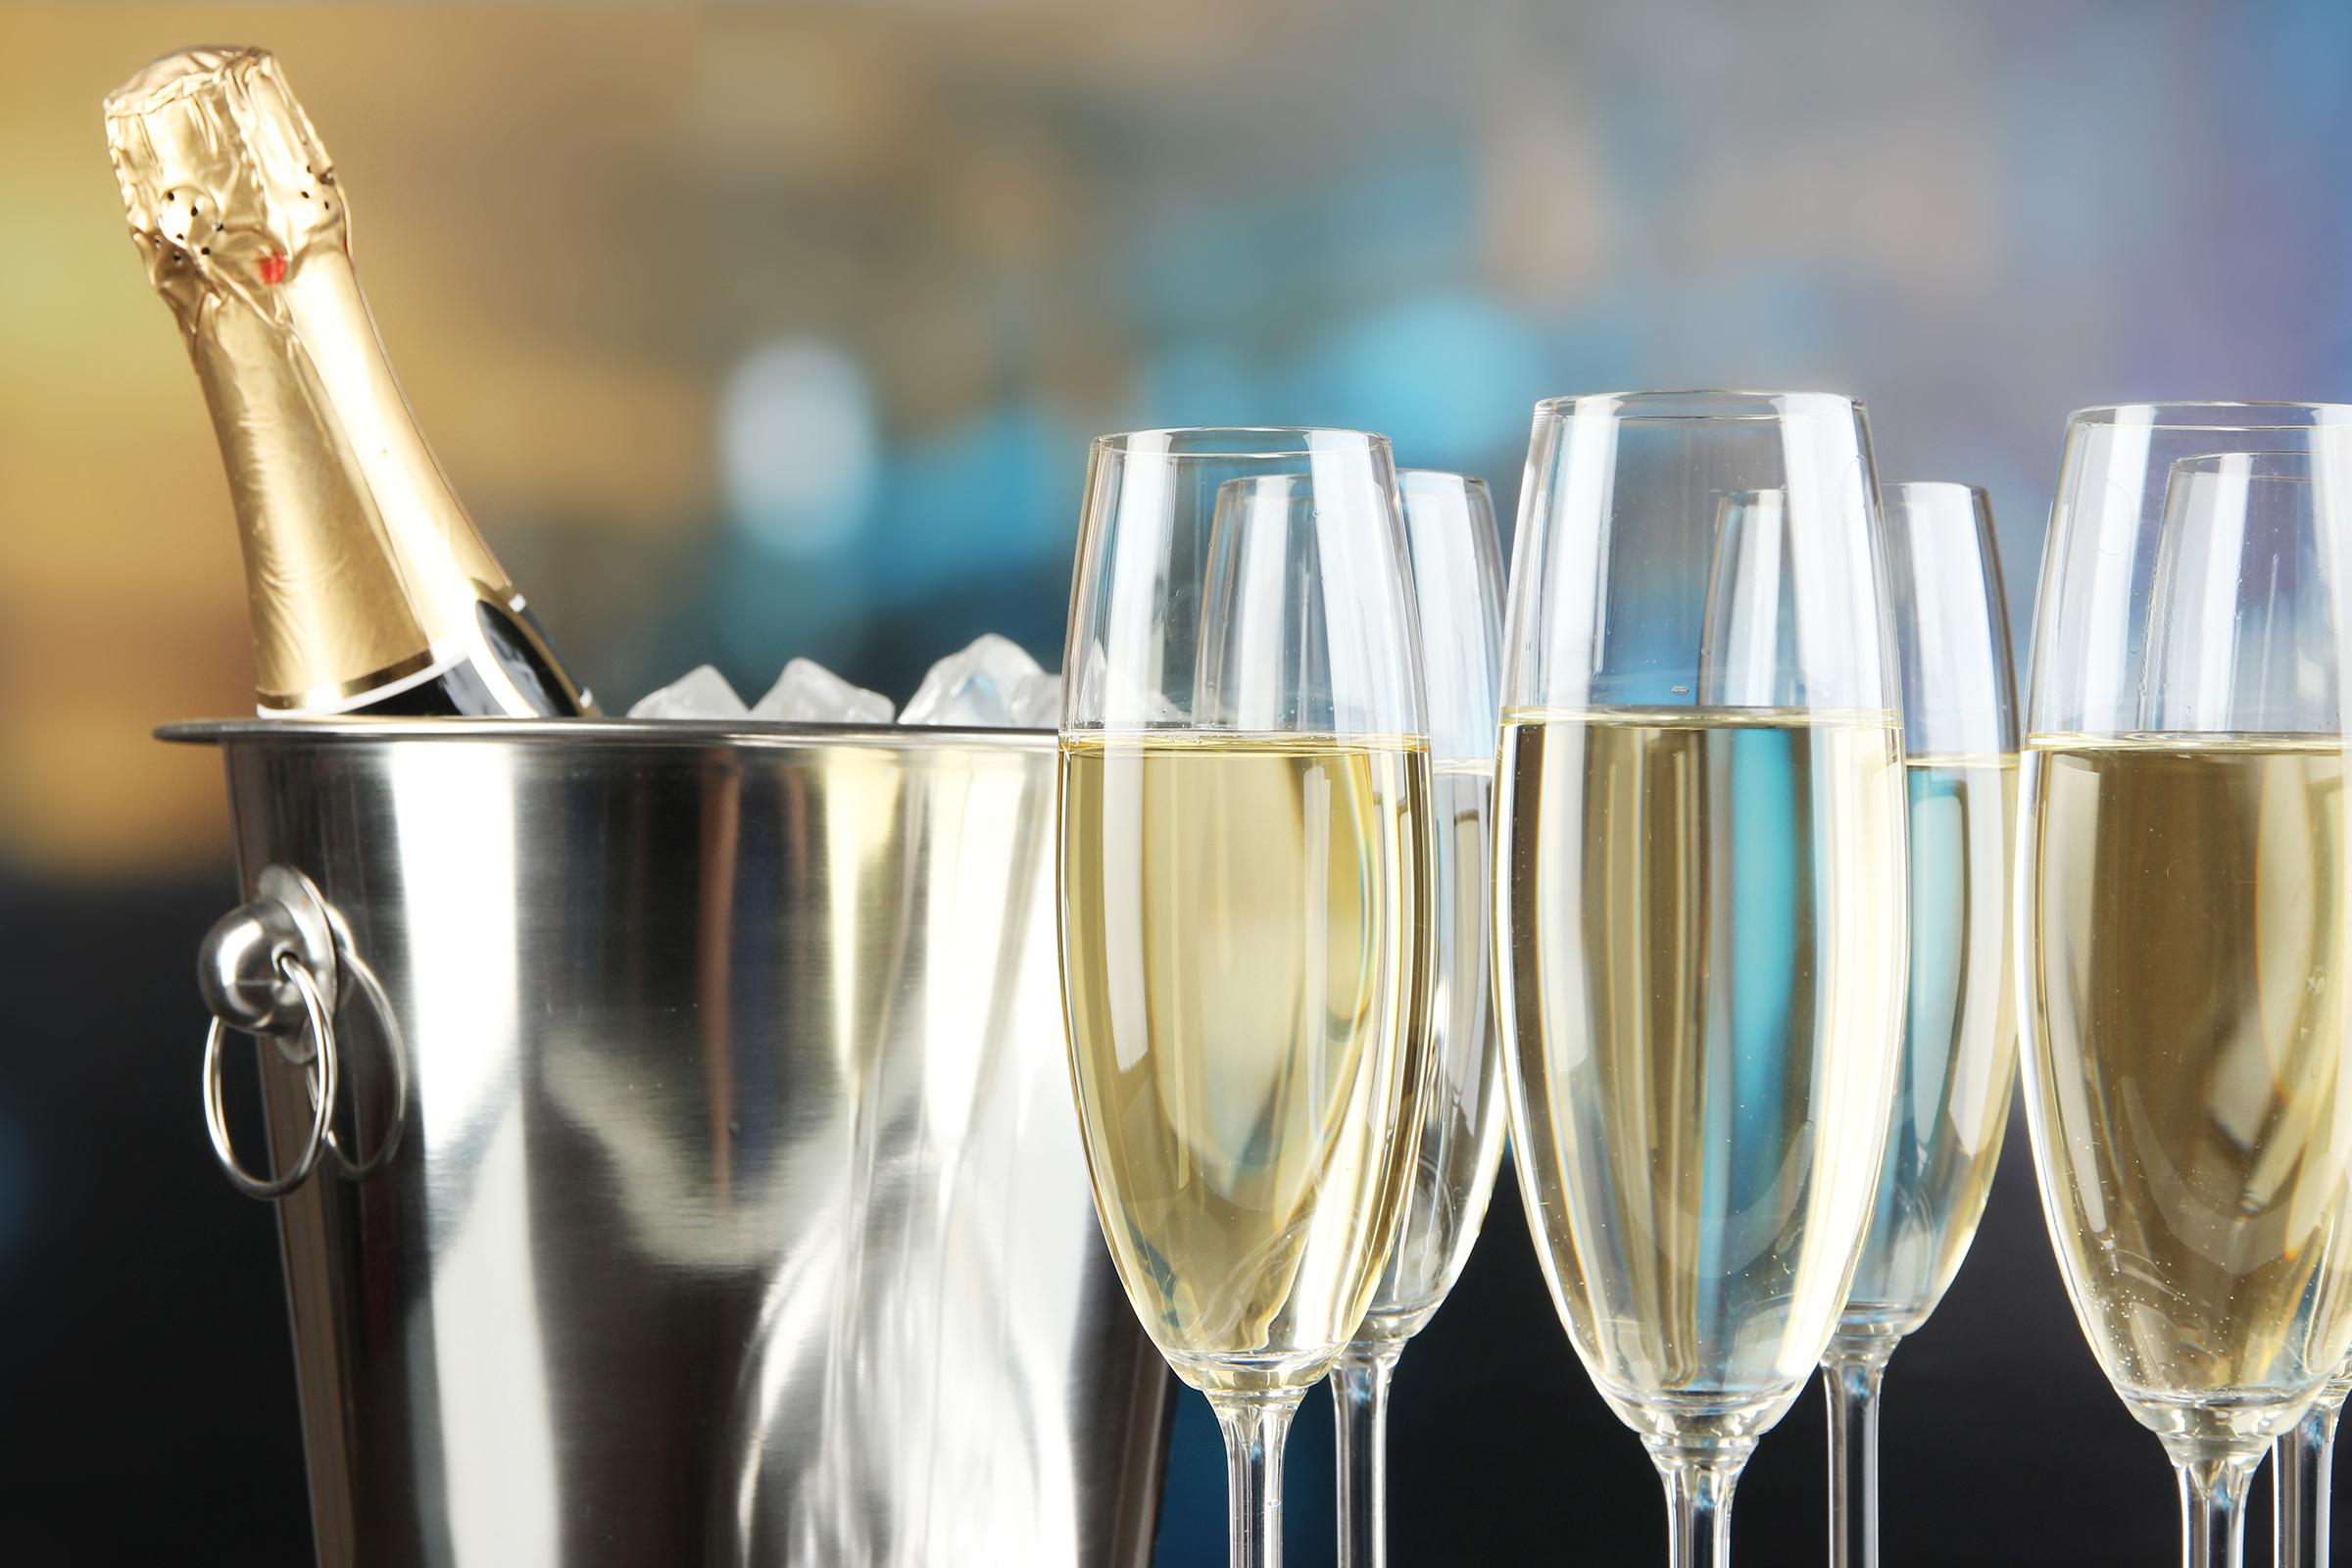 Ha kanalat teszünk a pezsgősüvegbe, tényleg megmarad az ital pezsgése?